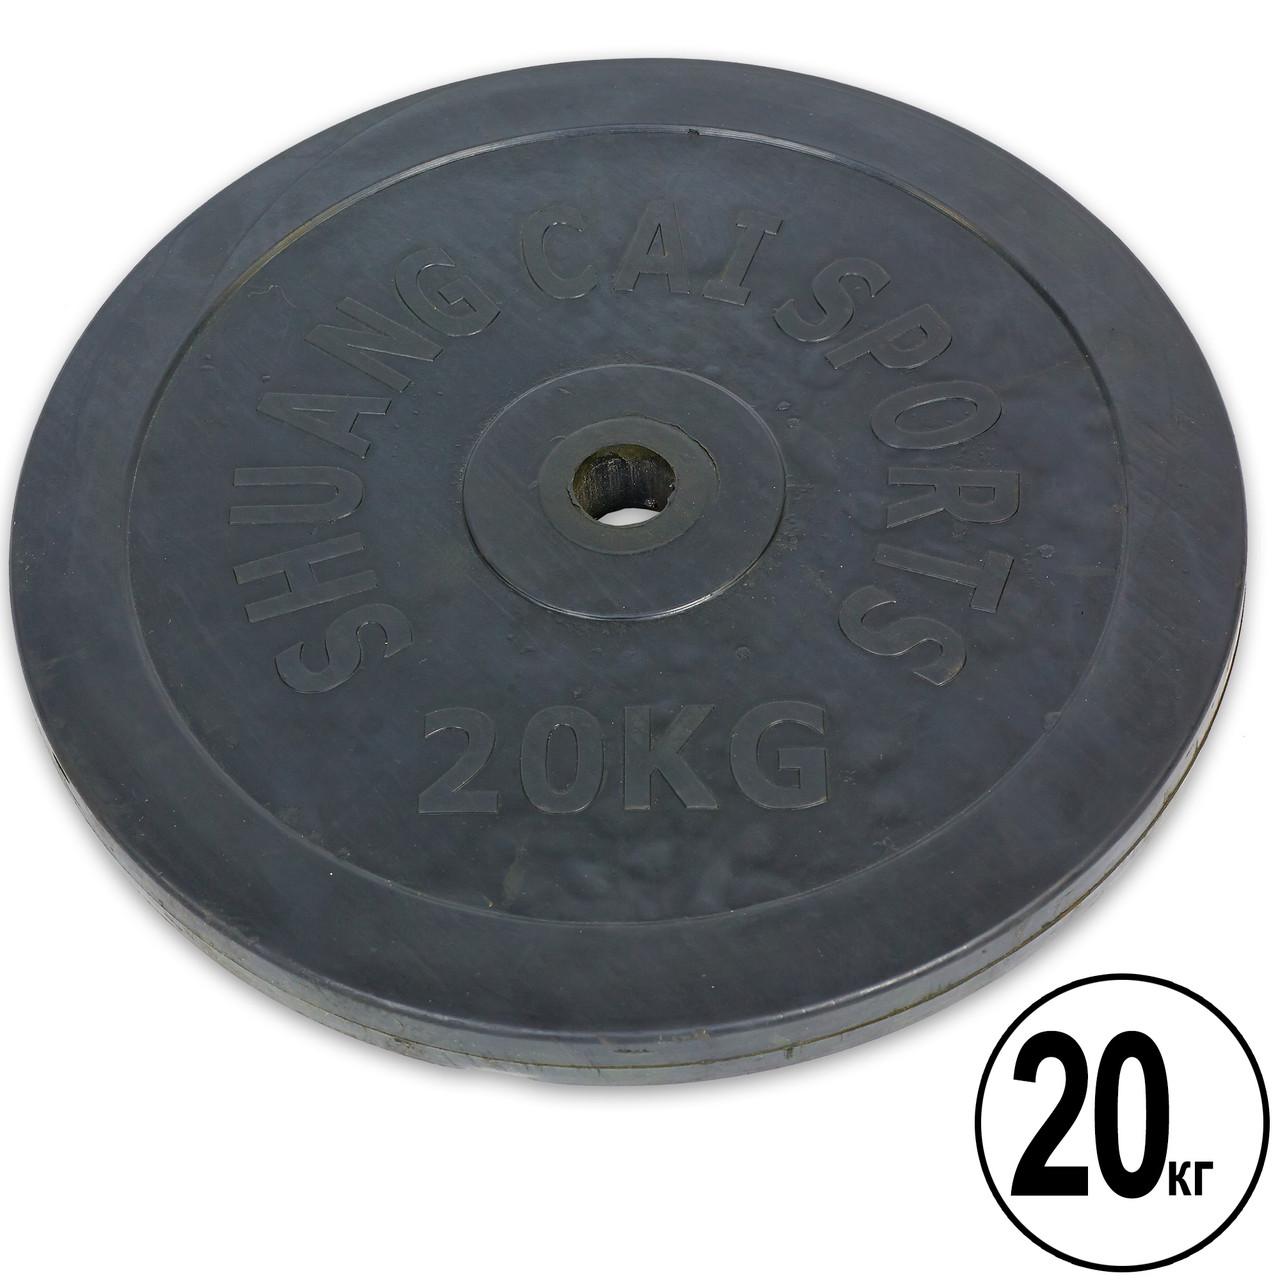 Млинці 30мм 20кг (диски) обгумовані SHUANG CAI SPORTS